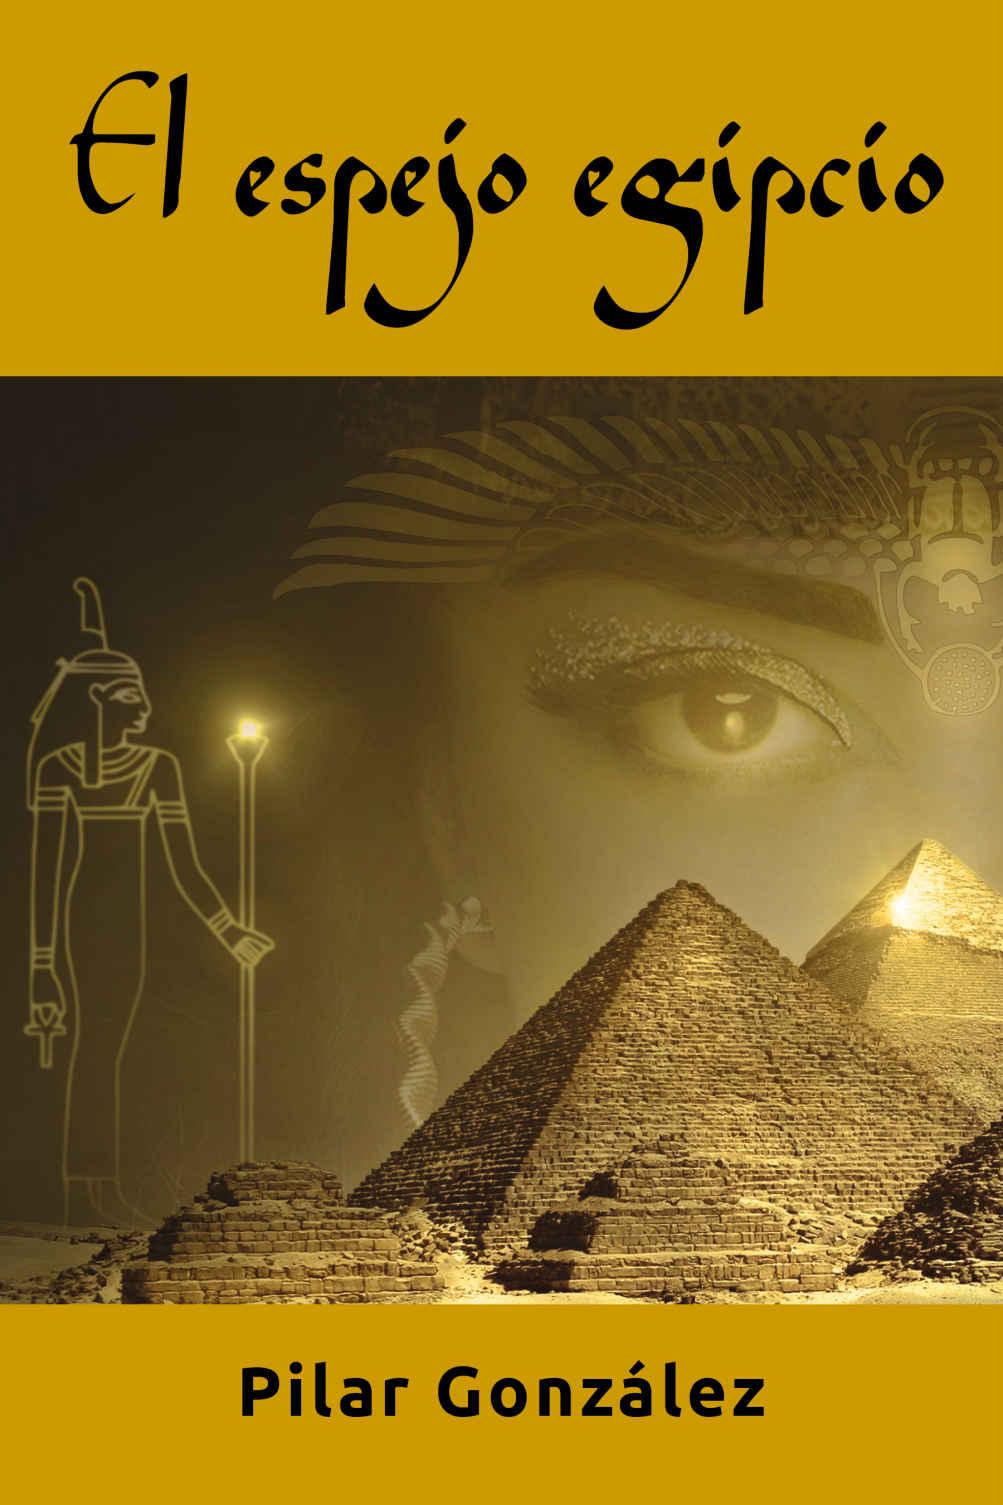 El espejo egipcio de Pilar González